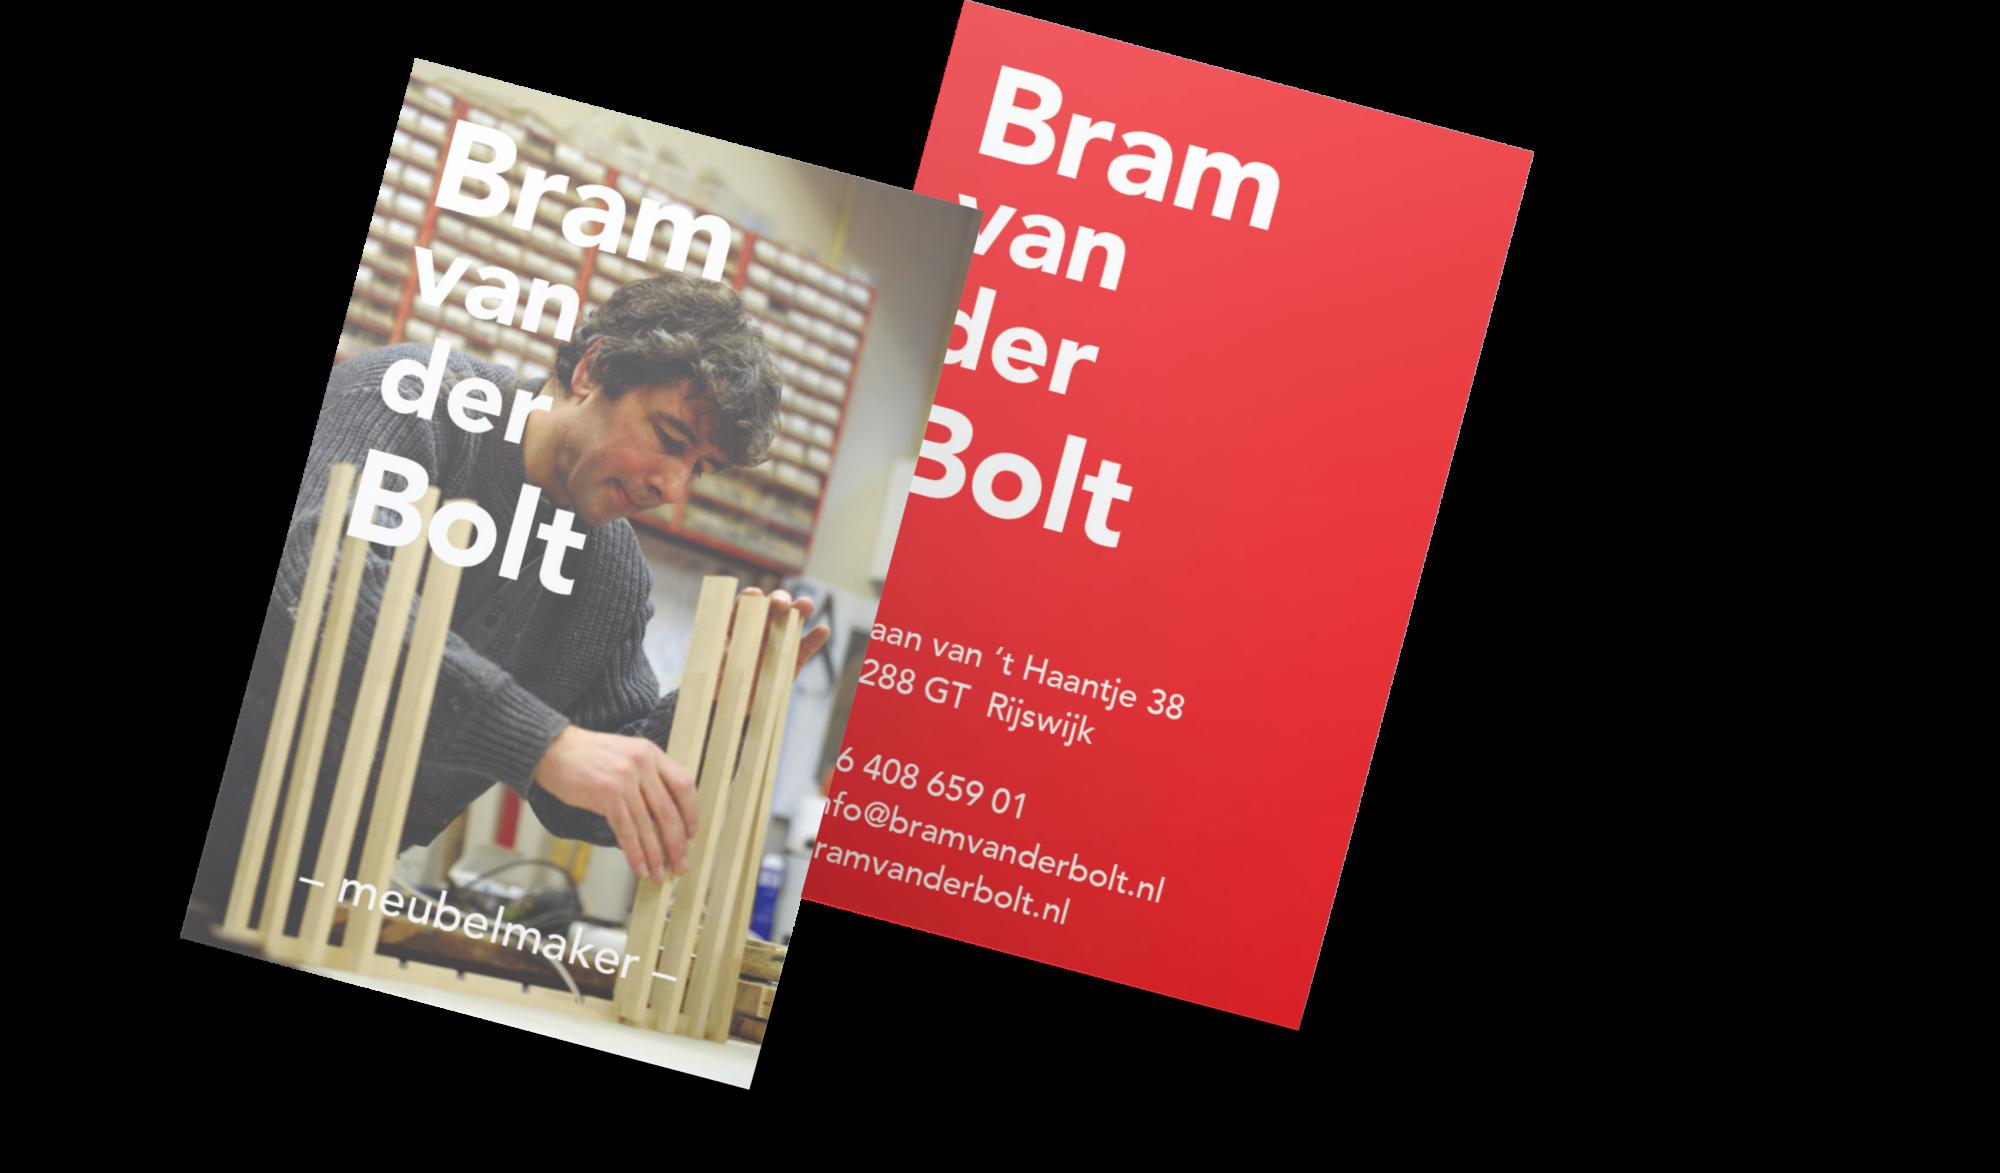 Nieuwe visitekaartjes voor meubelmaker Bram van der Bolt.